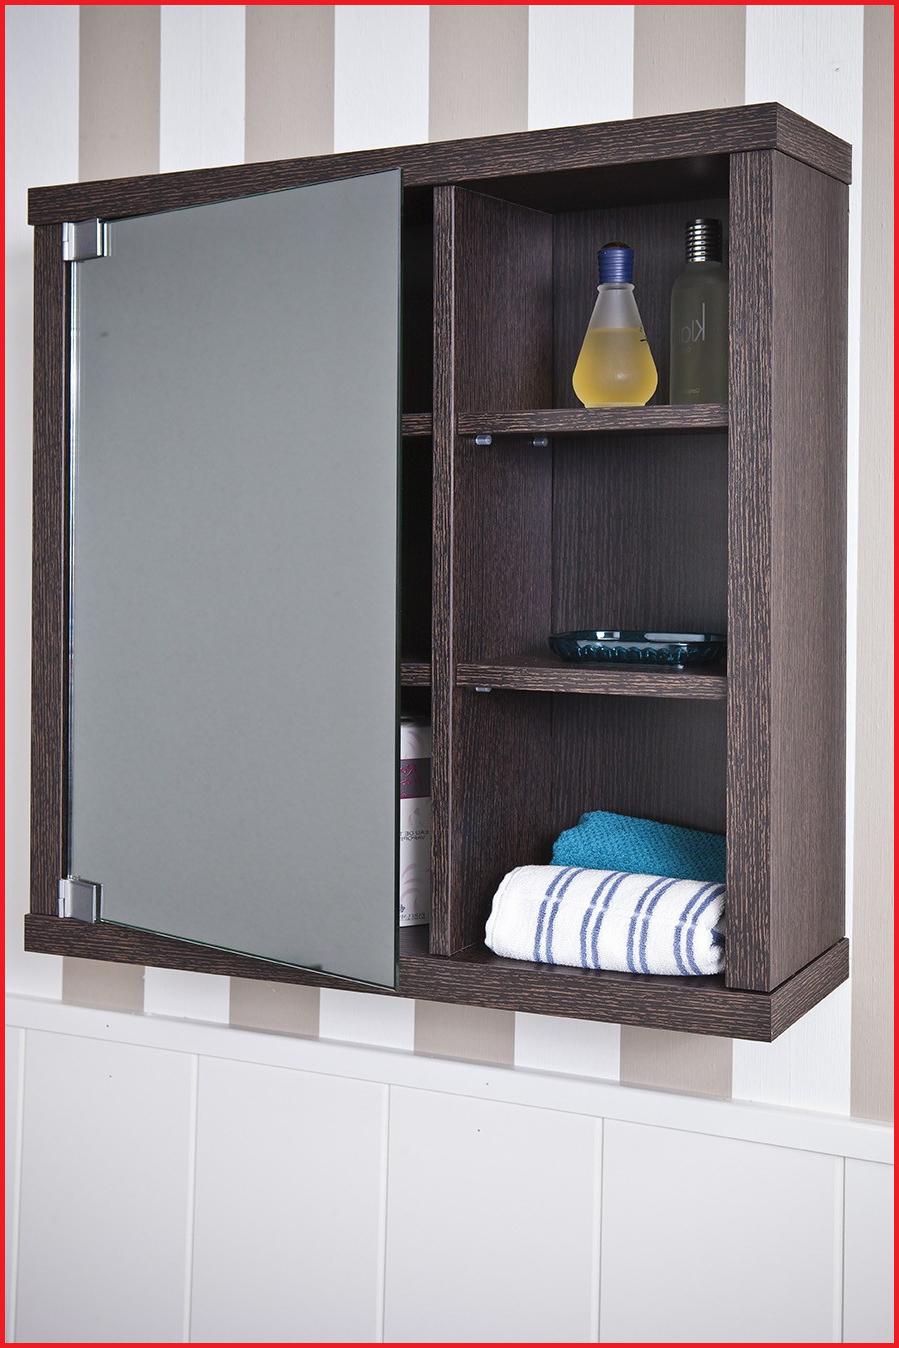 Mueble Espejo Baño H9d9 Muebles Espejo Baà O Muebles Espejo BaO Elegante Armario